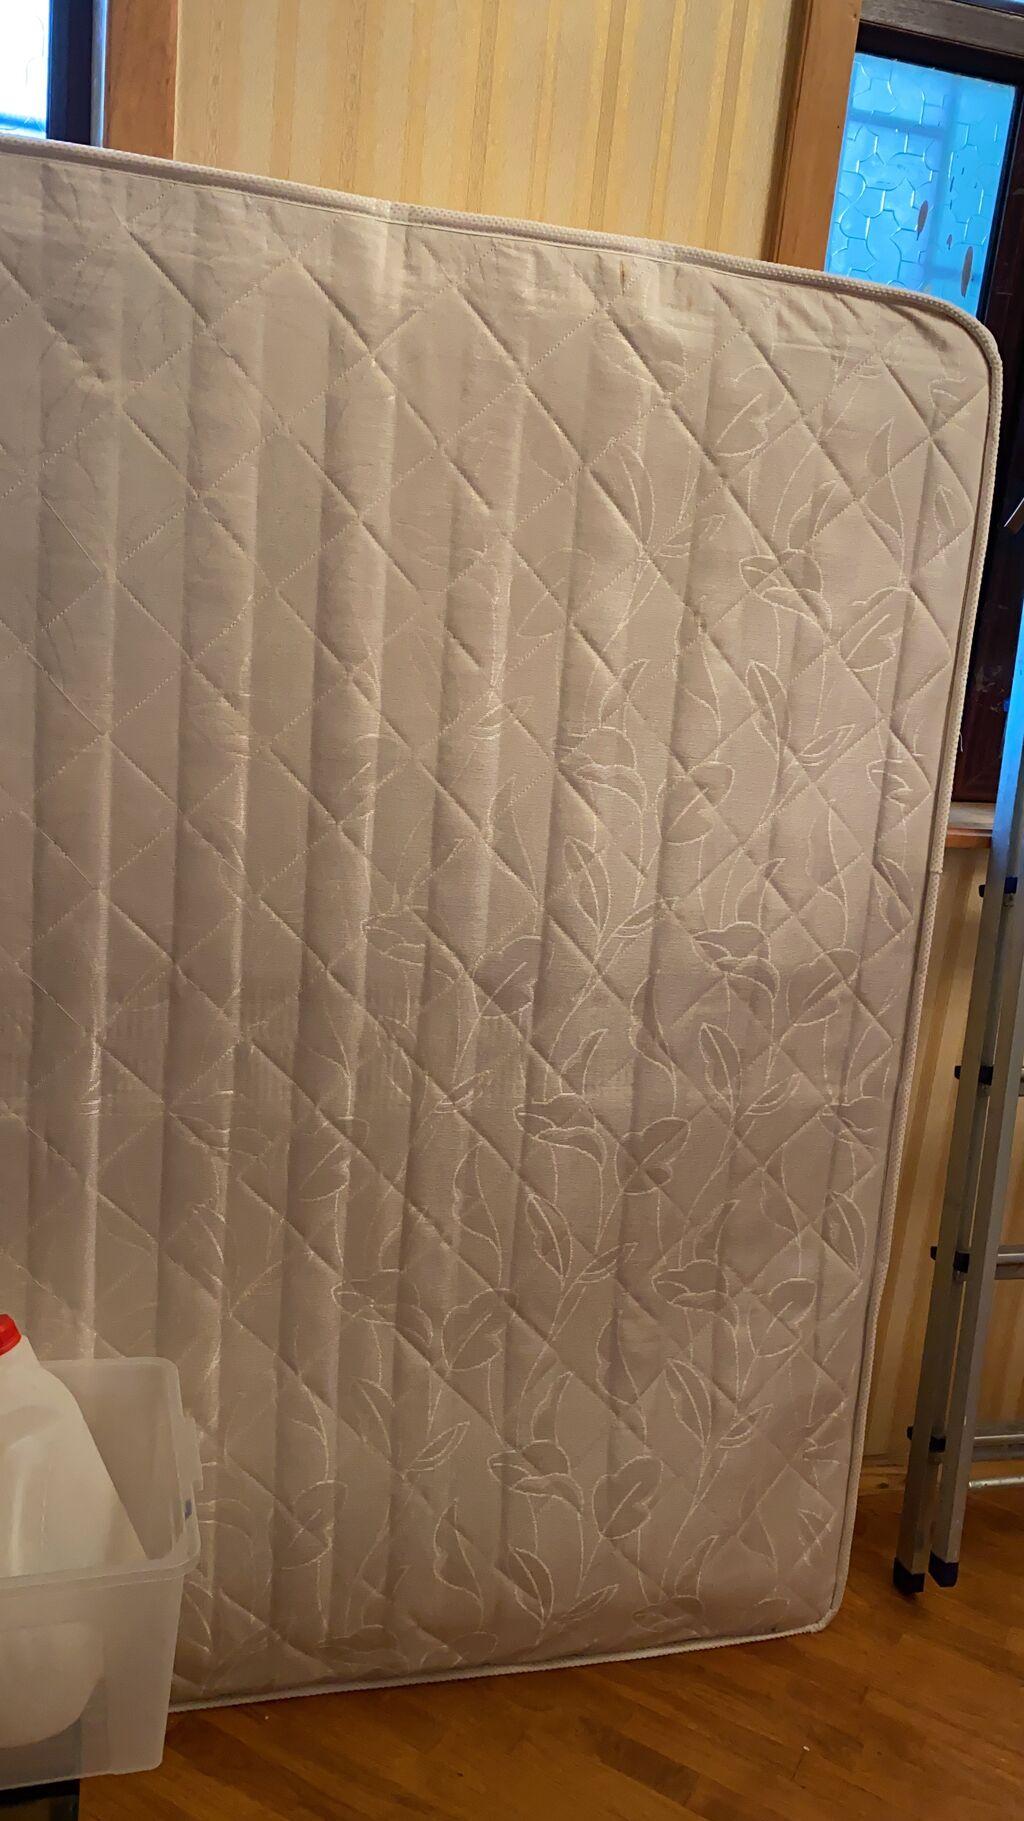 Temiz matras 90azn endirim olar 2metrenin 160a satilor bizim krovata balacadi deye  satilir temiz matrasdi aqdi unvan sumqayit weheri